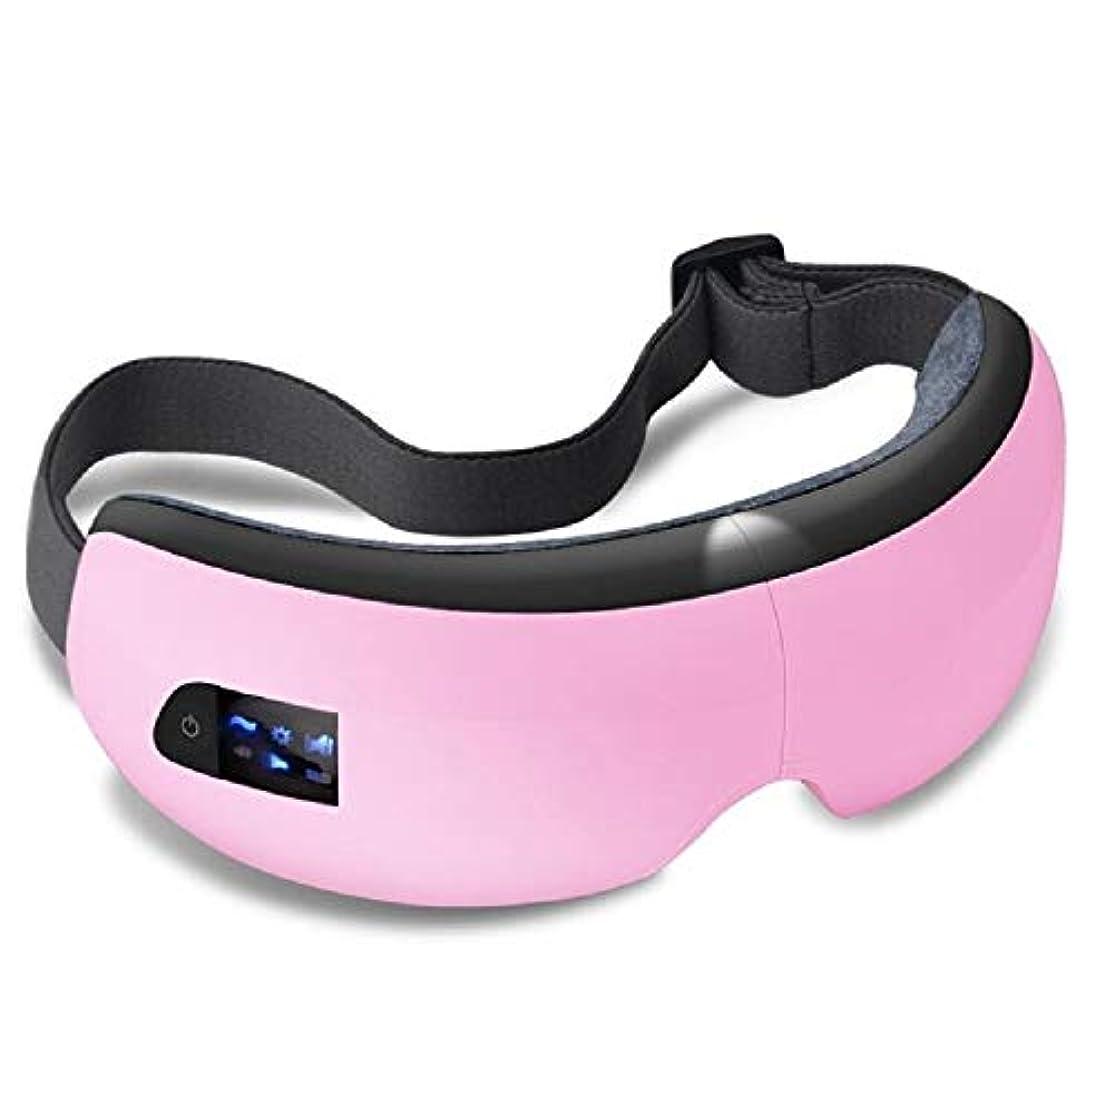 決めますしっとり腐食するMeet now ホットプレス充電式アイマッサージャー付きのスタイリッシュなワイヤレスインテリジェント電気アイプロテクター 品質保証 (Color : Pink)